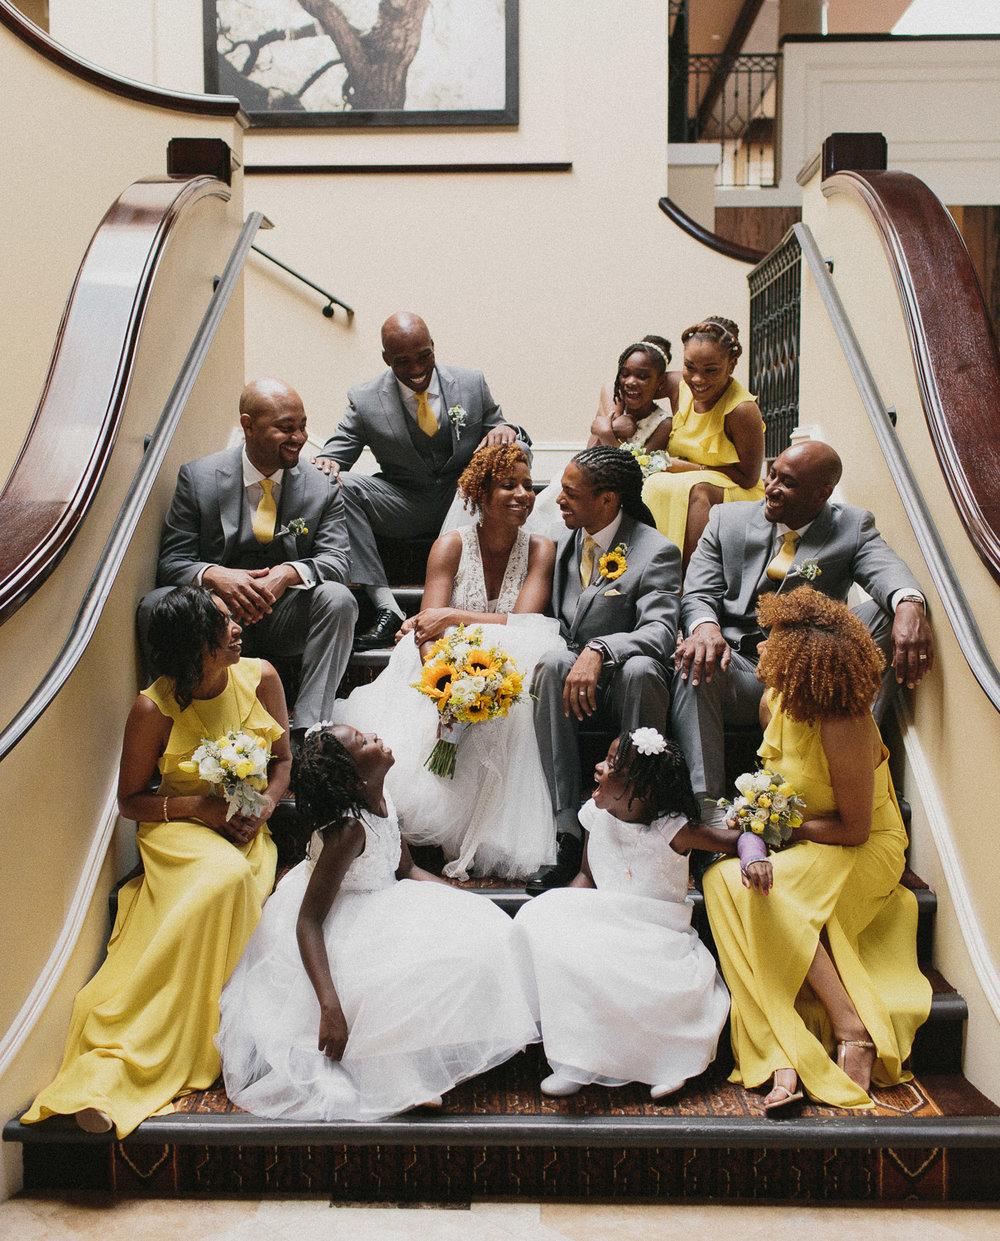 saint_simons_island_georgia_king_and_prince_wedding_photographers-659.jpg